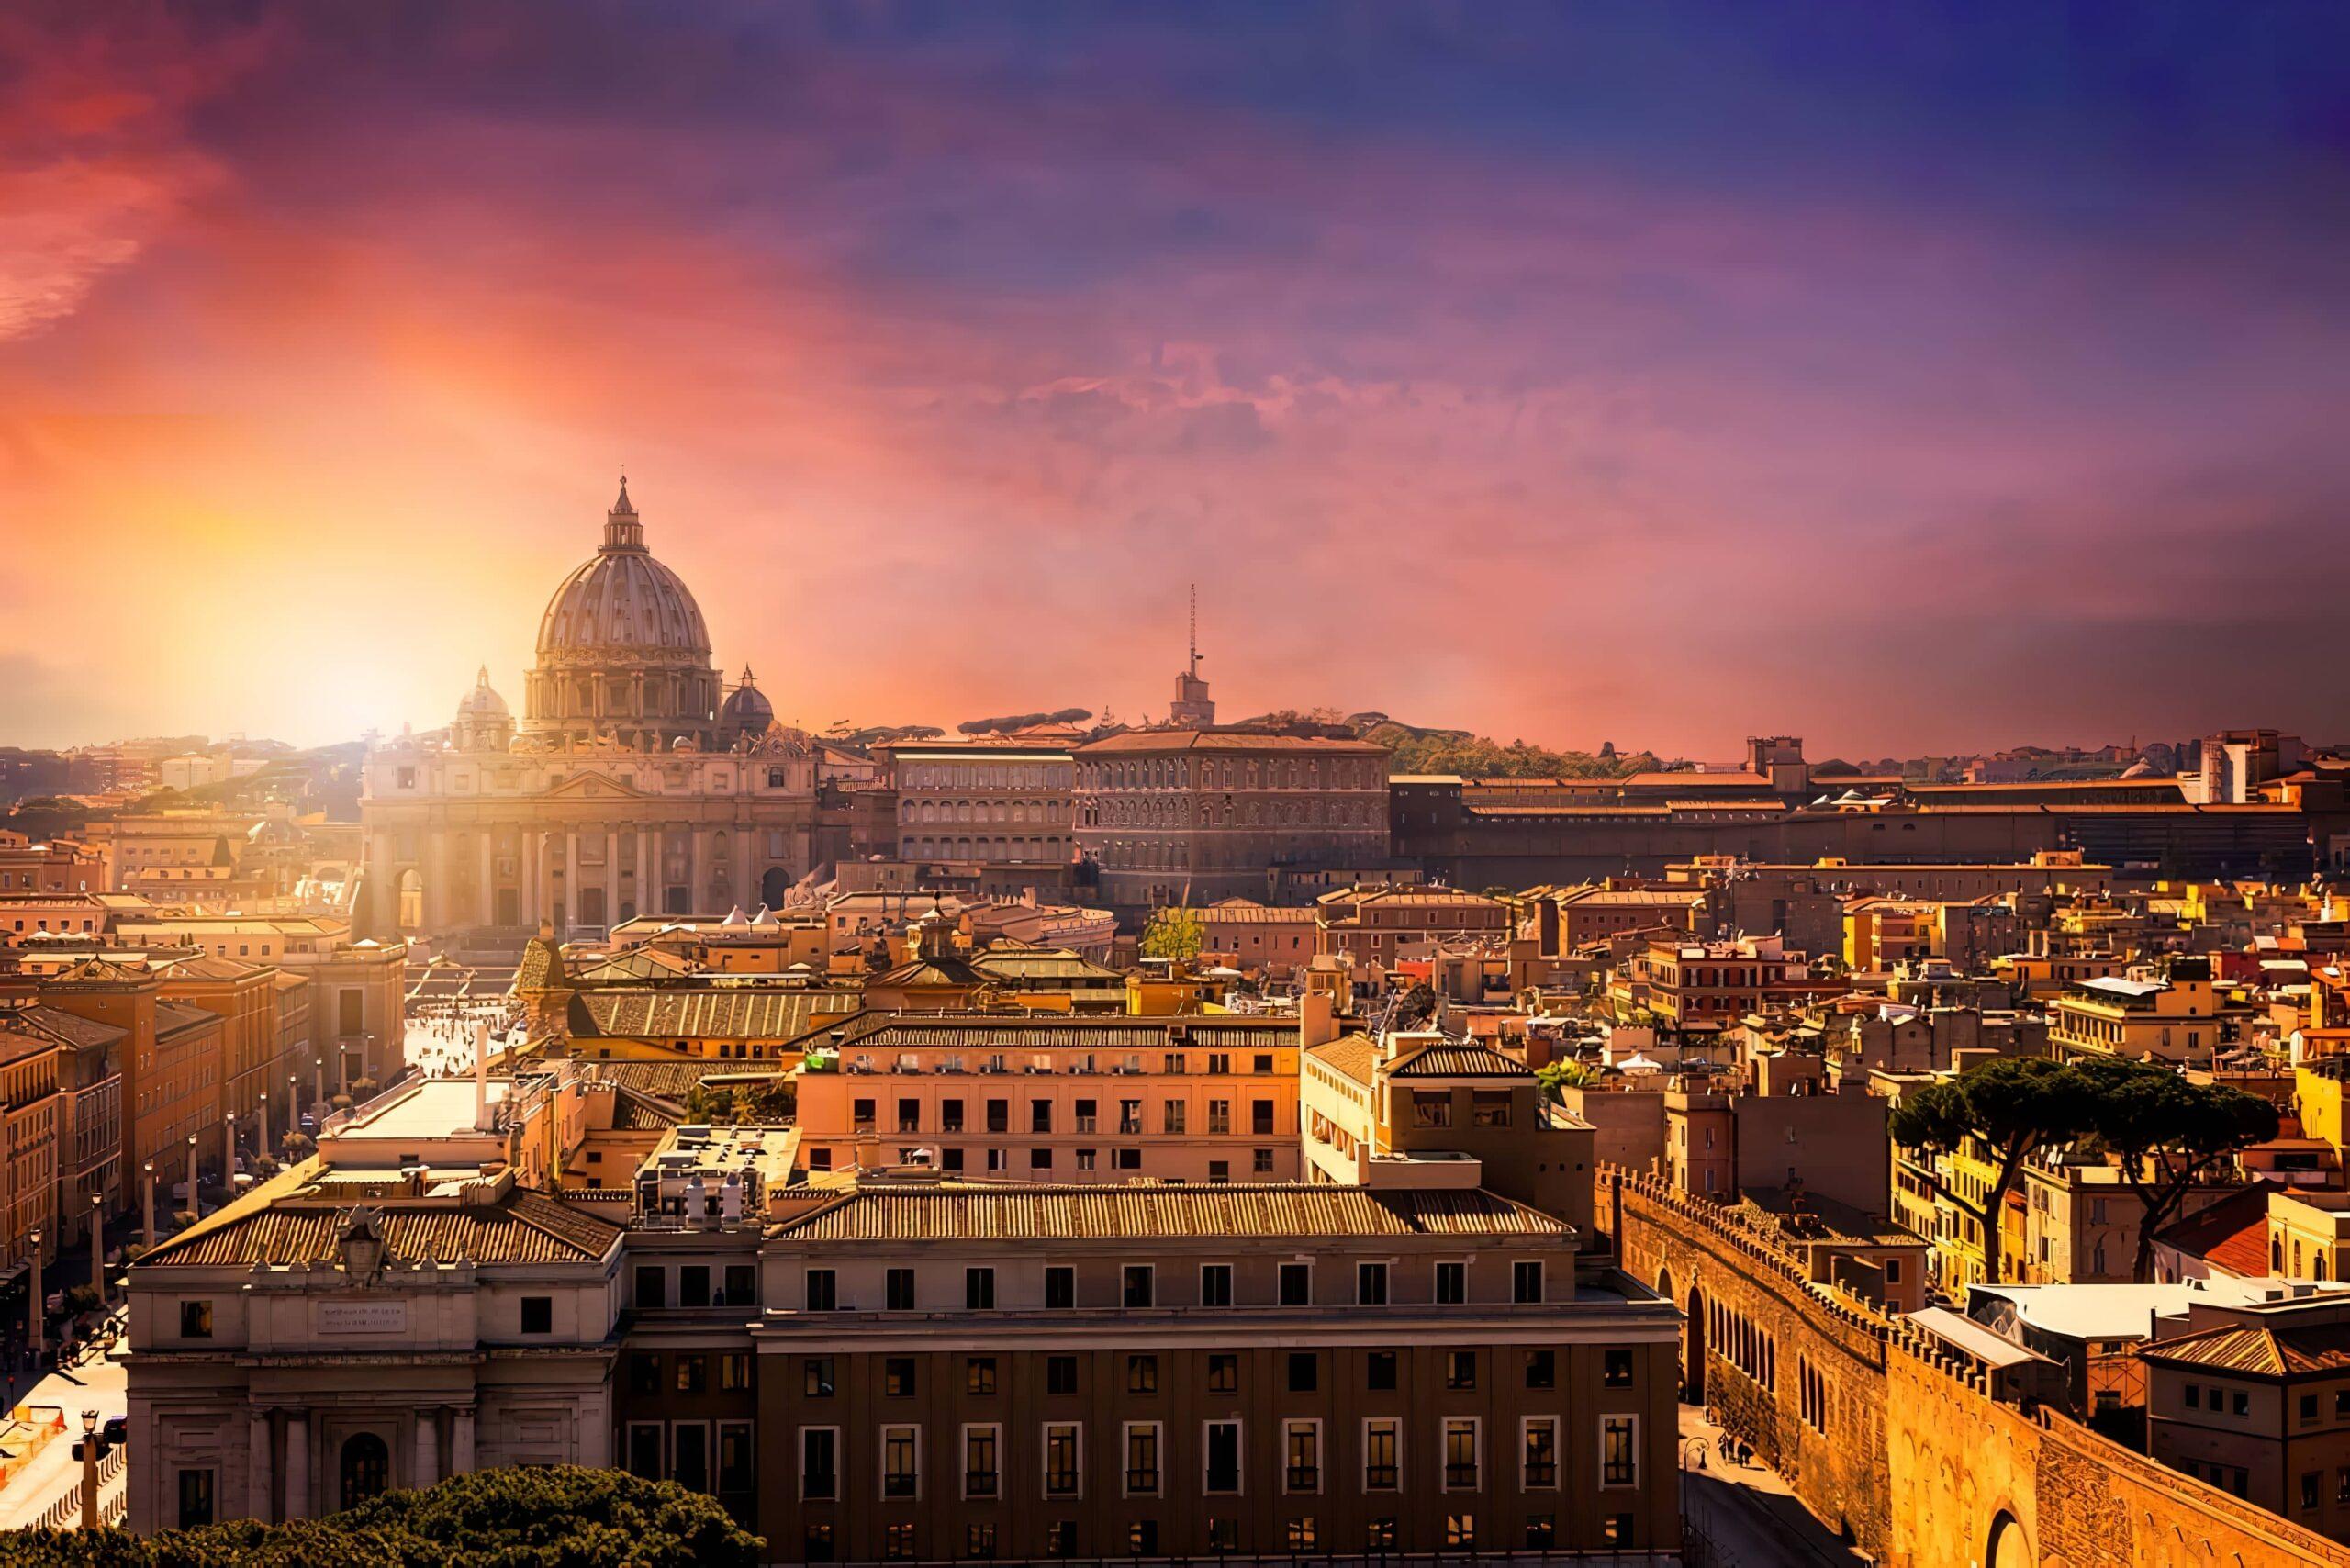 Les meilleurs rooftops où boire un verre à Rome